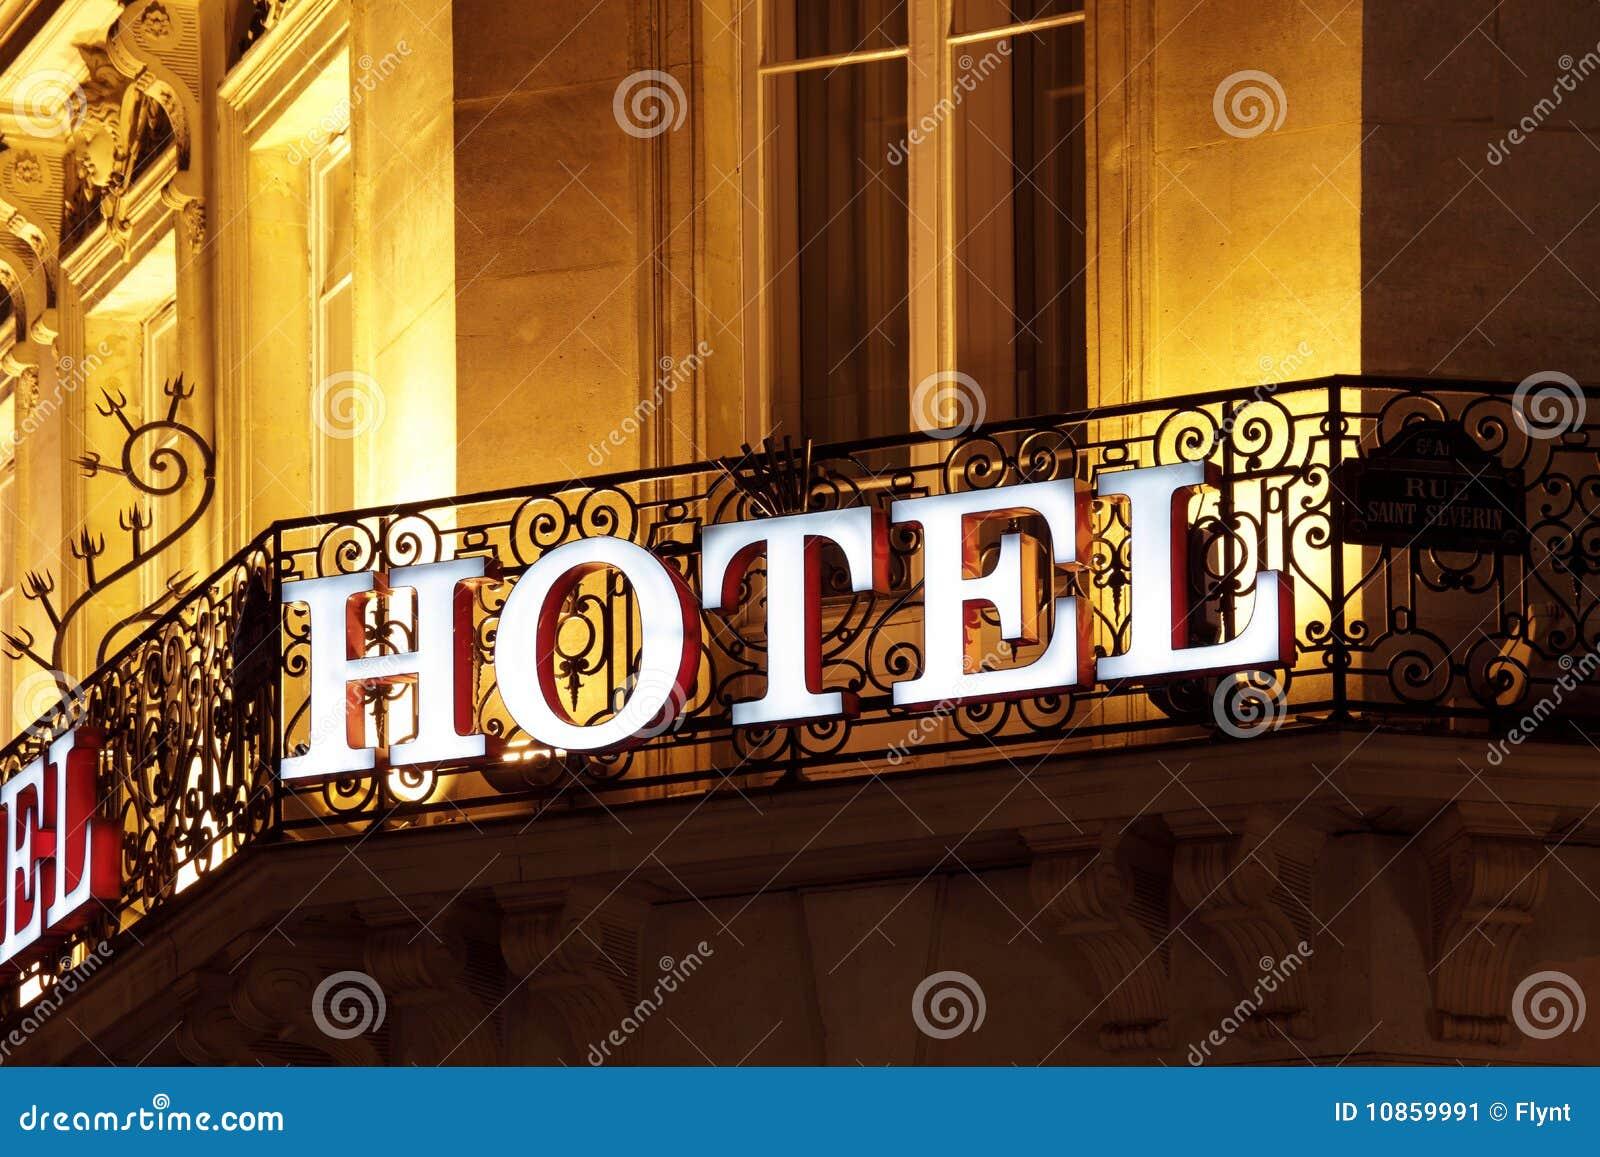 Hotel Dusk Room  Download